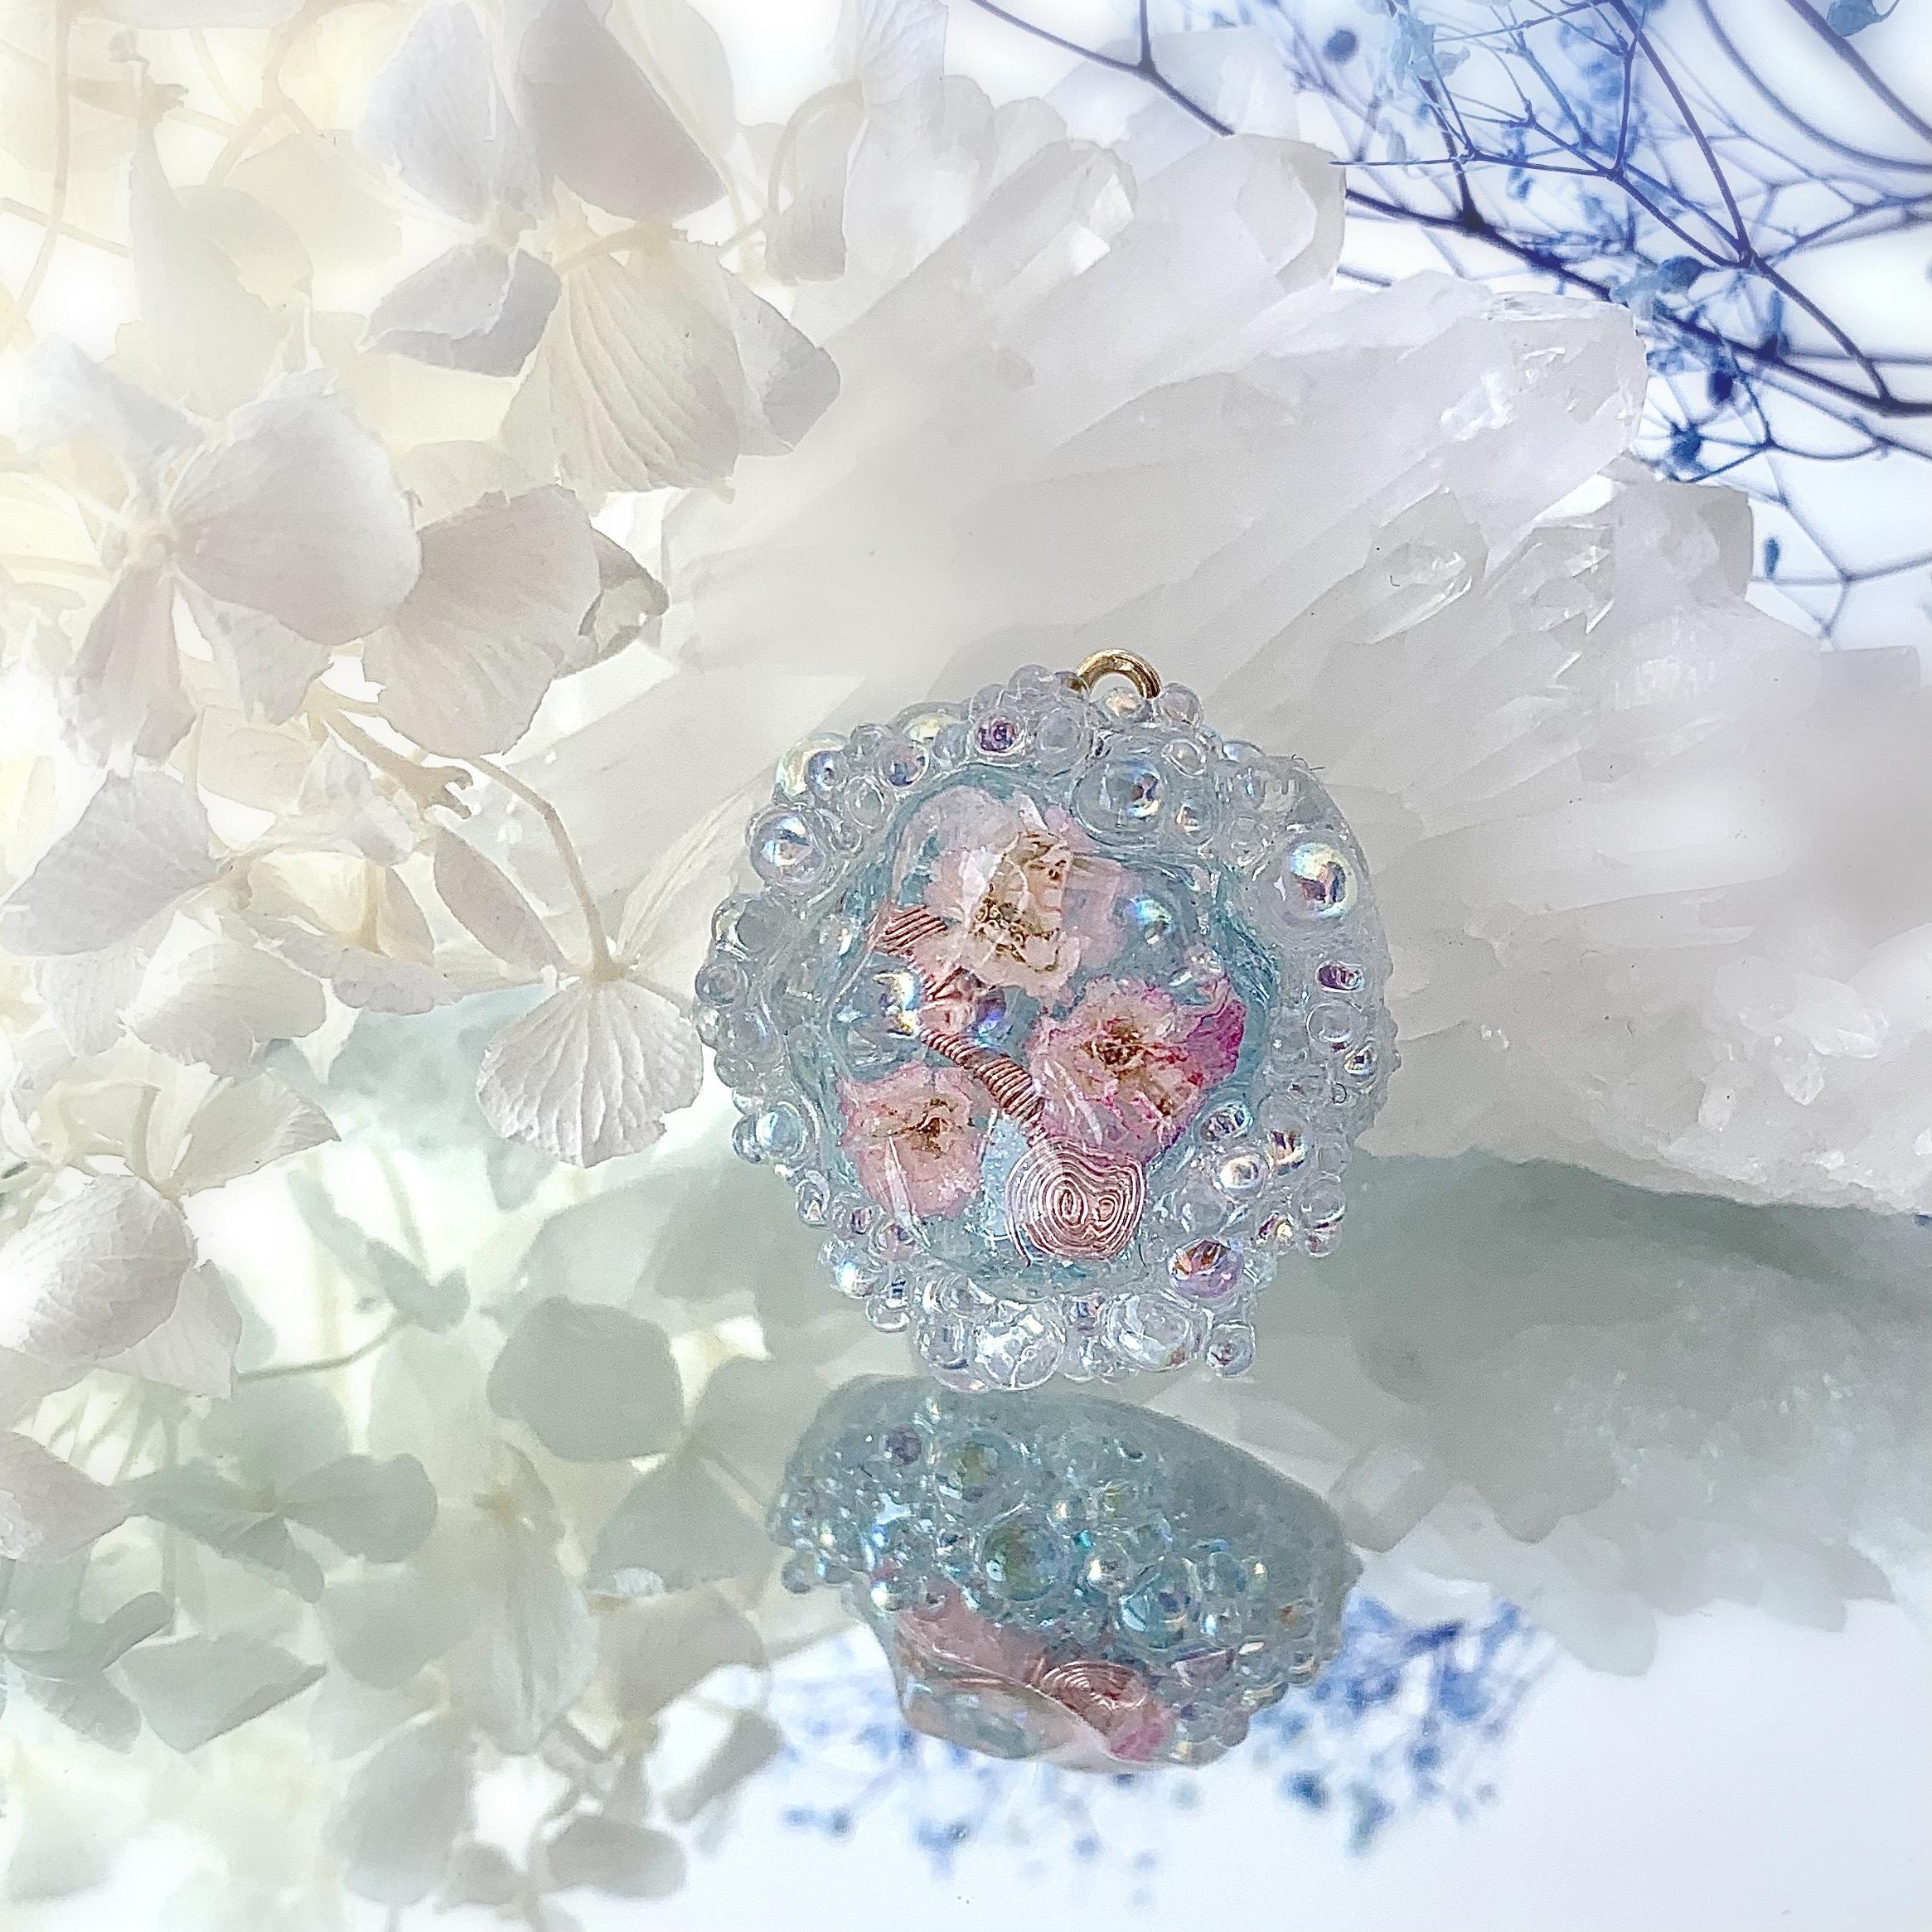 『こころ解きはなつ花筏』/浄化の泡オルゴナイト